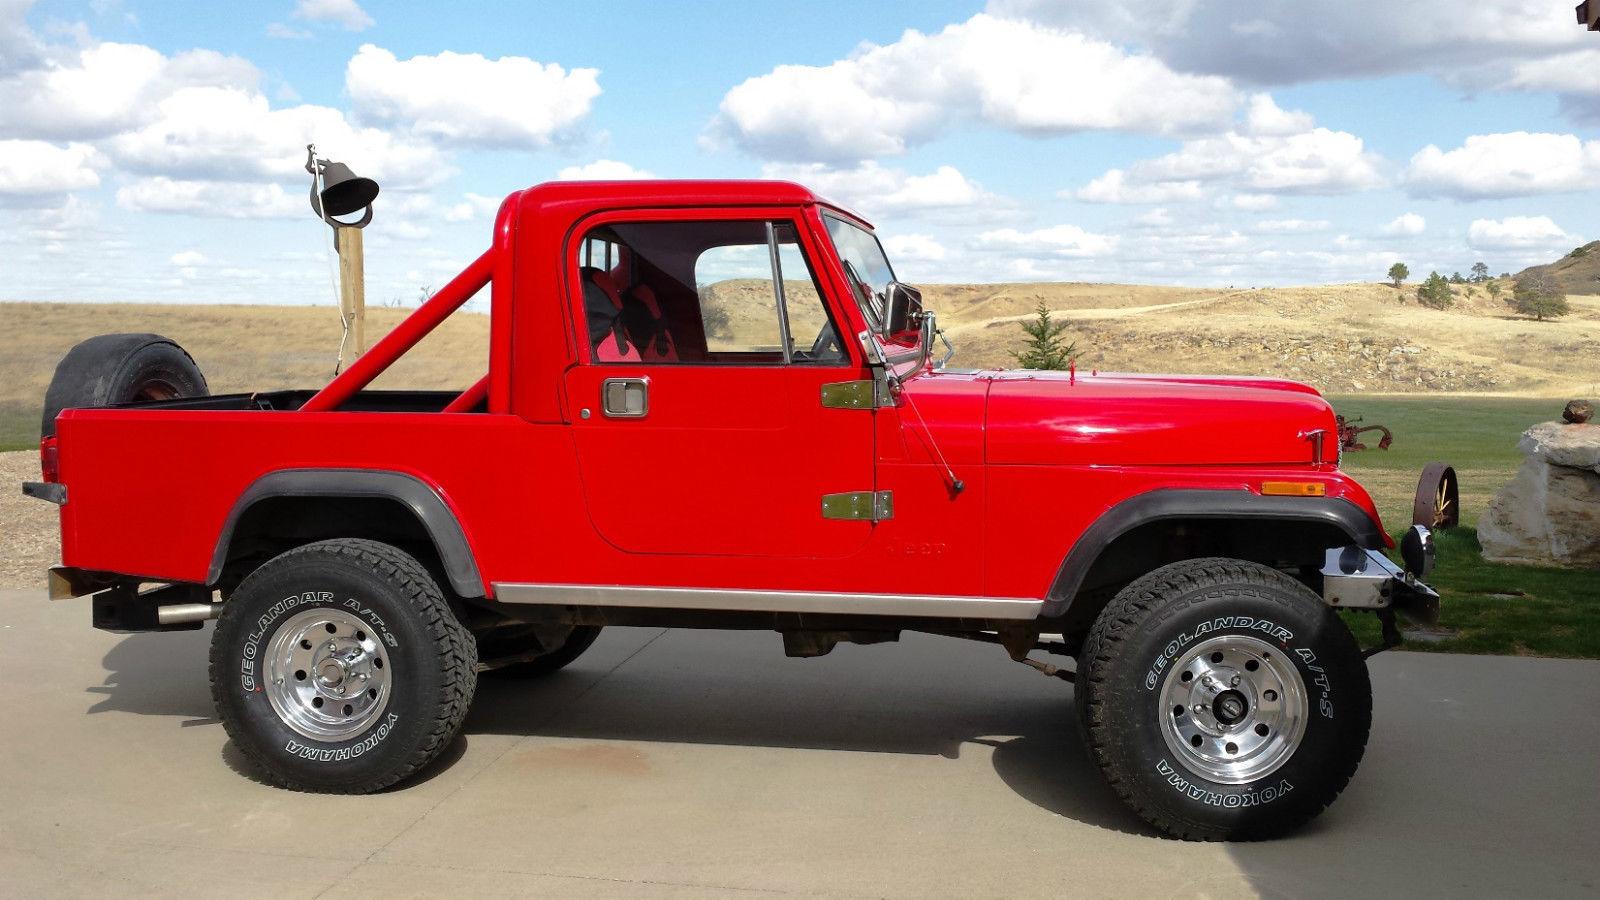 1983 Jeep CJ CJ8 Scrambler - 4x4 Friday